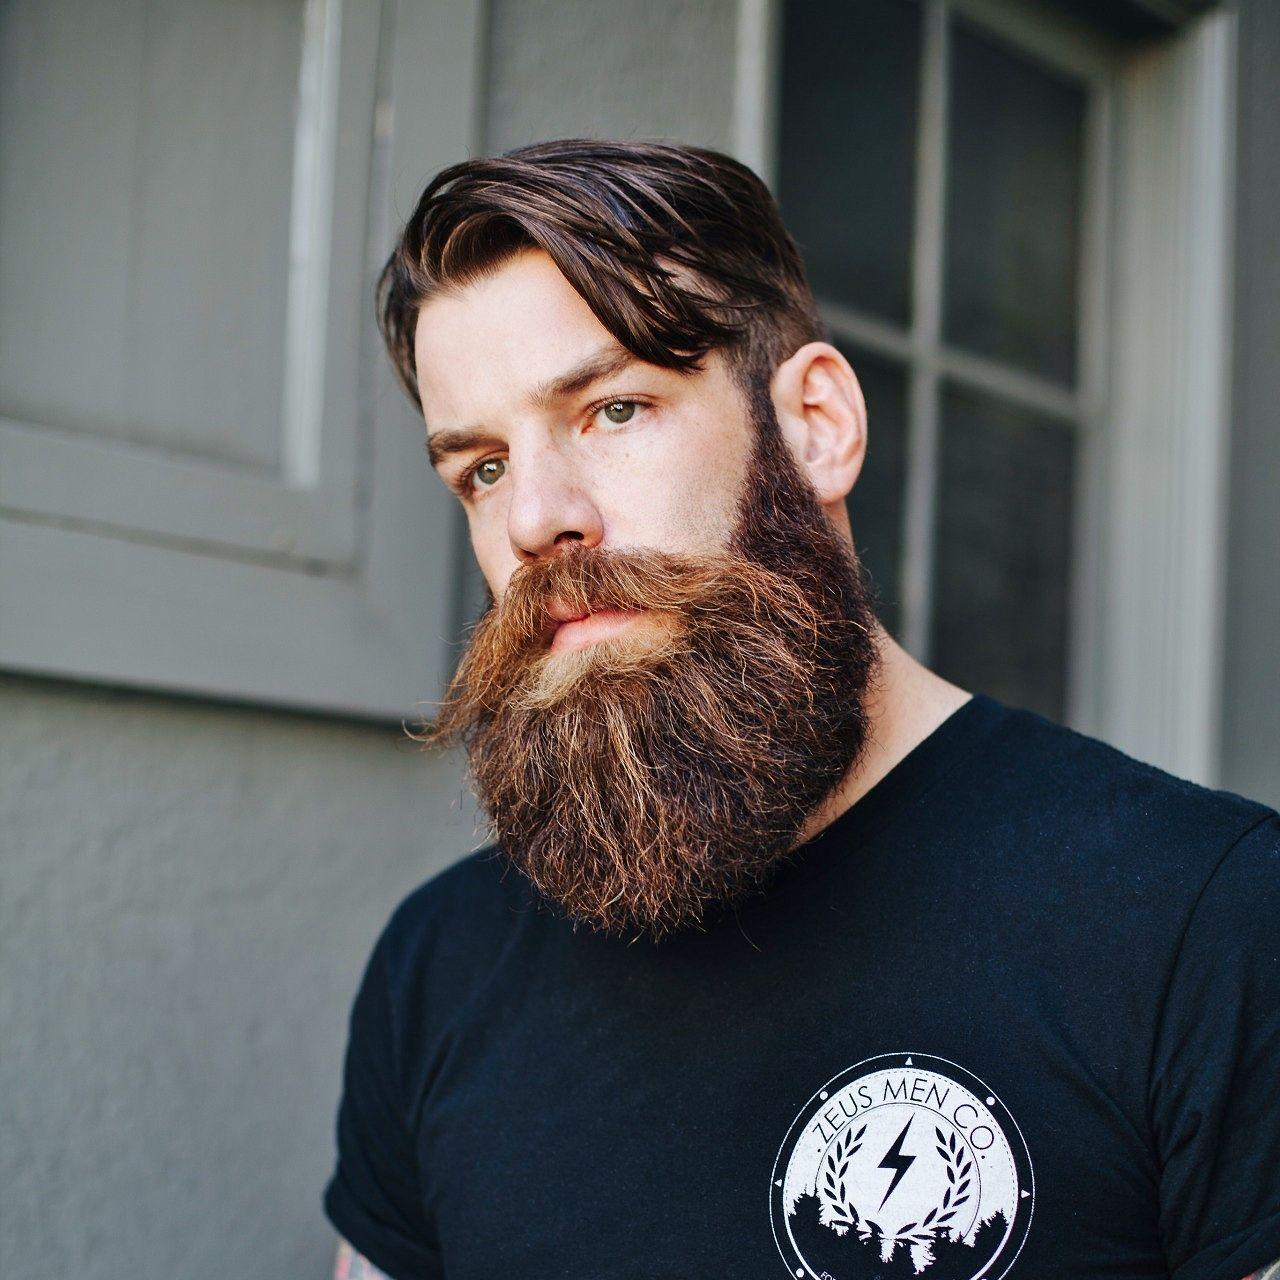 Amazing Beard Styles From Bearded Men Worldwide Amazing